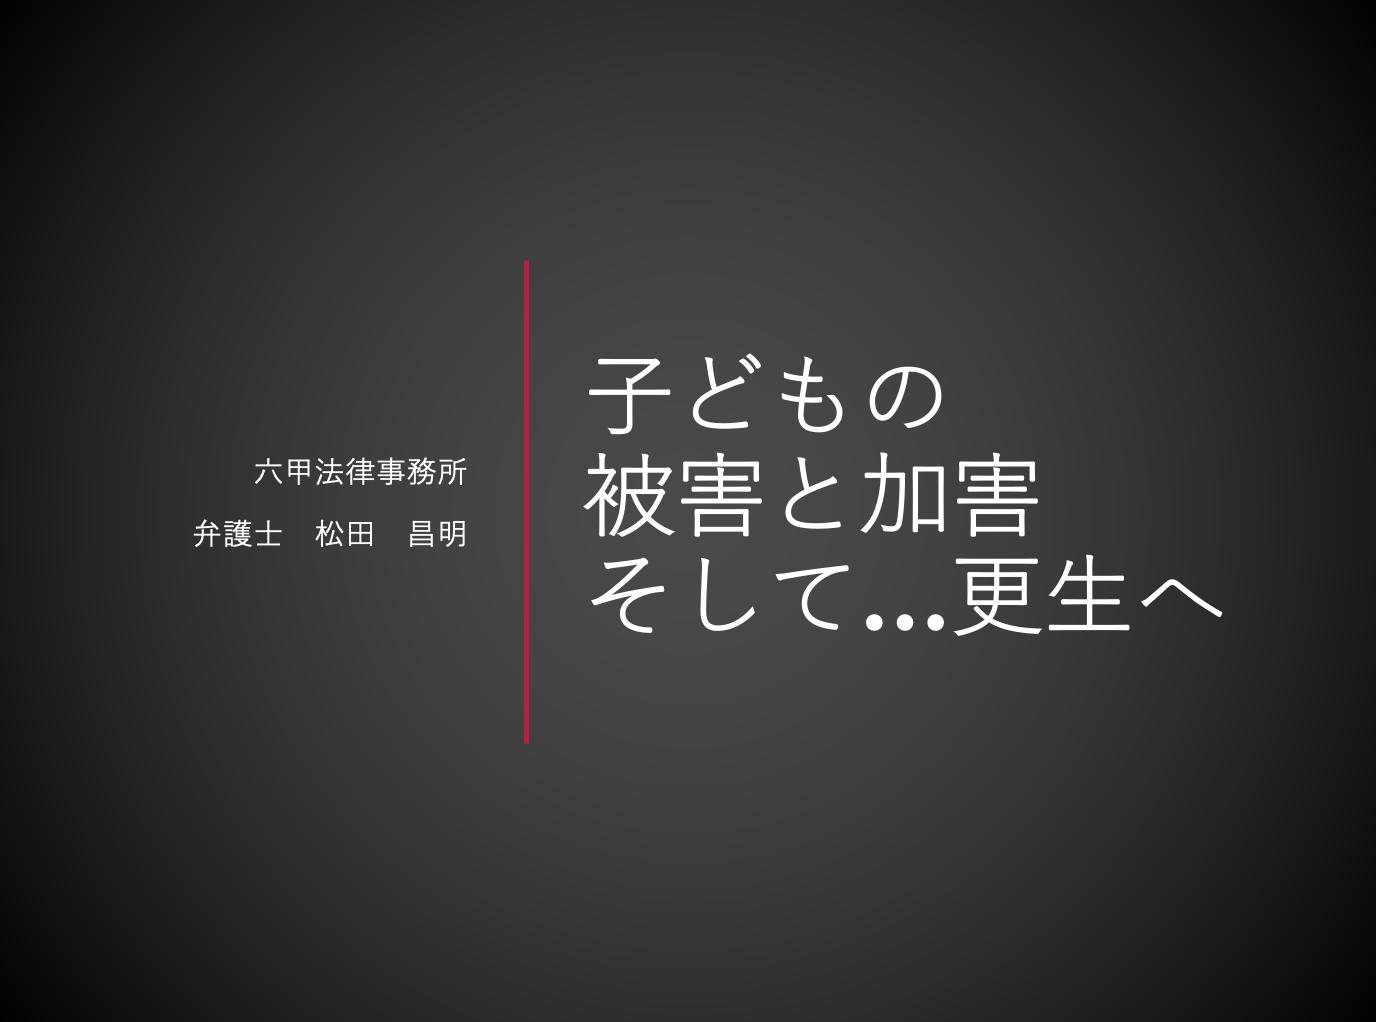 講演「子どもの被害と加害、そして更生へ…」@兵庫県立大学環境人間学部